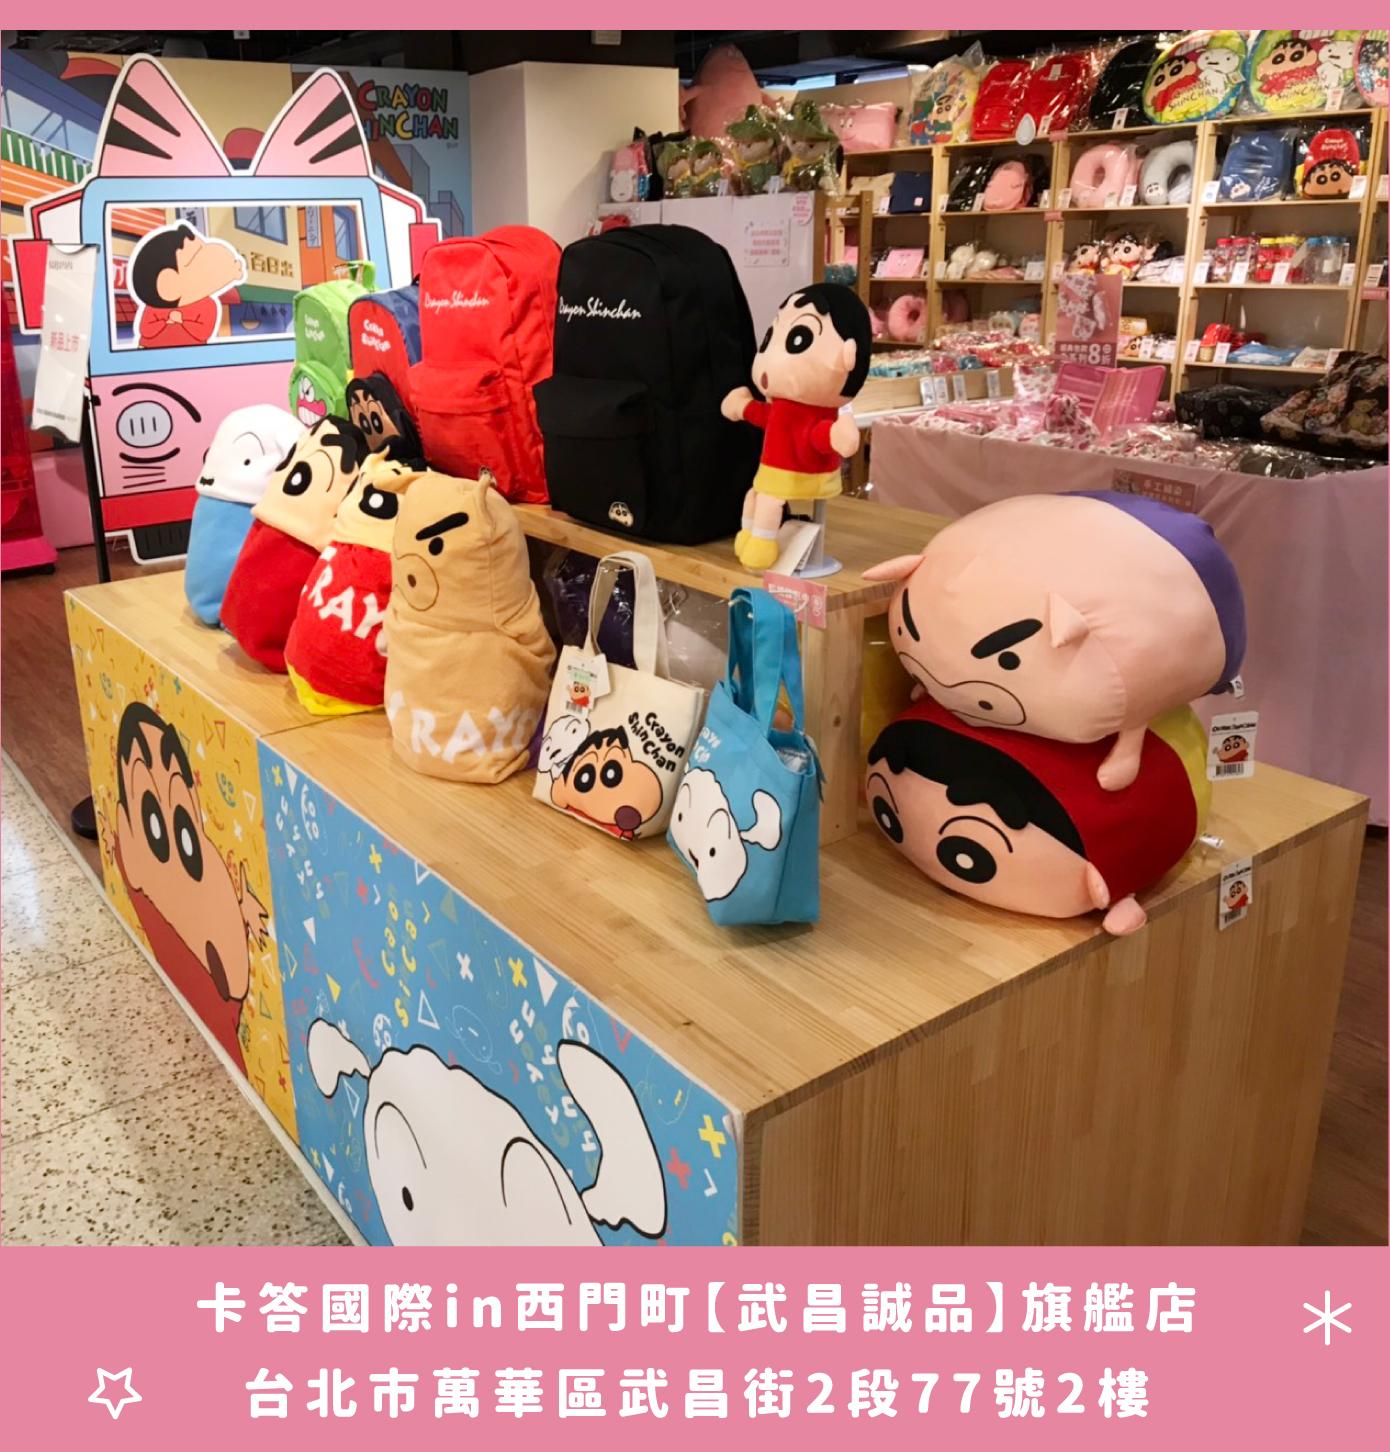 泡泡先生,蠟筆小新,正版授權,西門町,台北,小新,barbapapa,販售,觀光,打卡,景點,小新,可愛小物